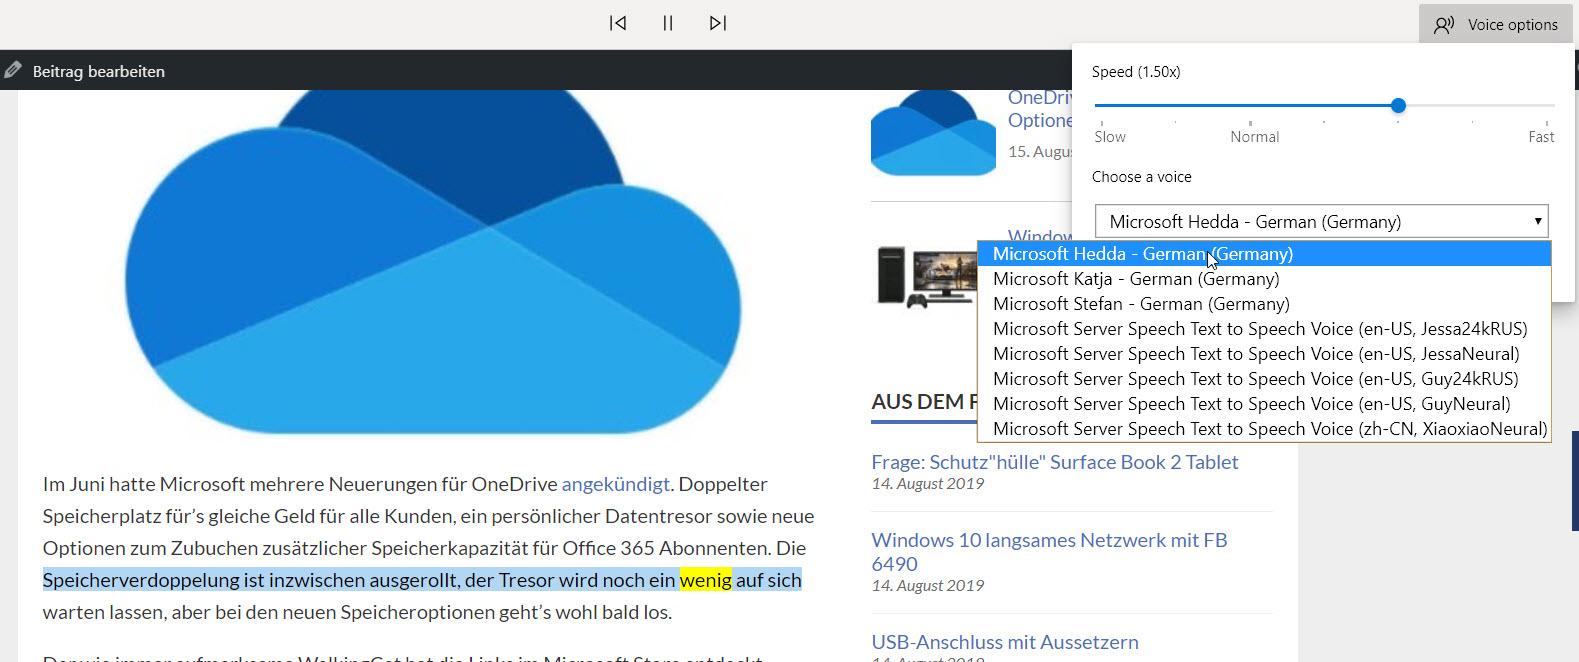 Vorlesefunktion in Microsoft Edge